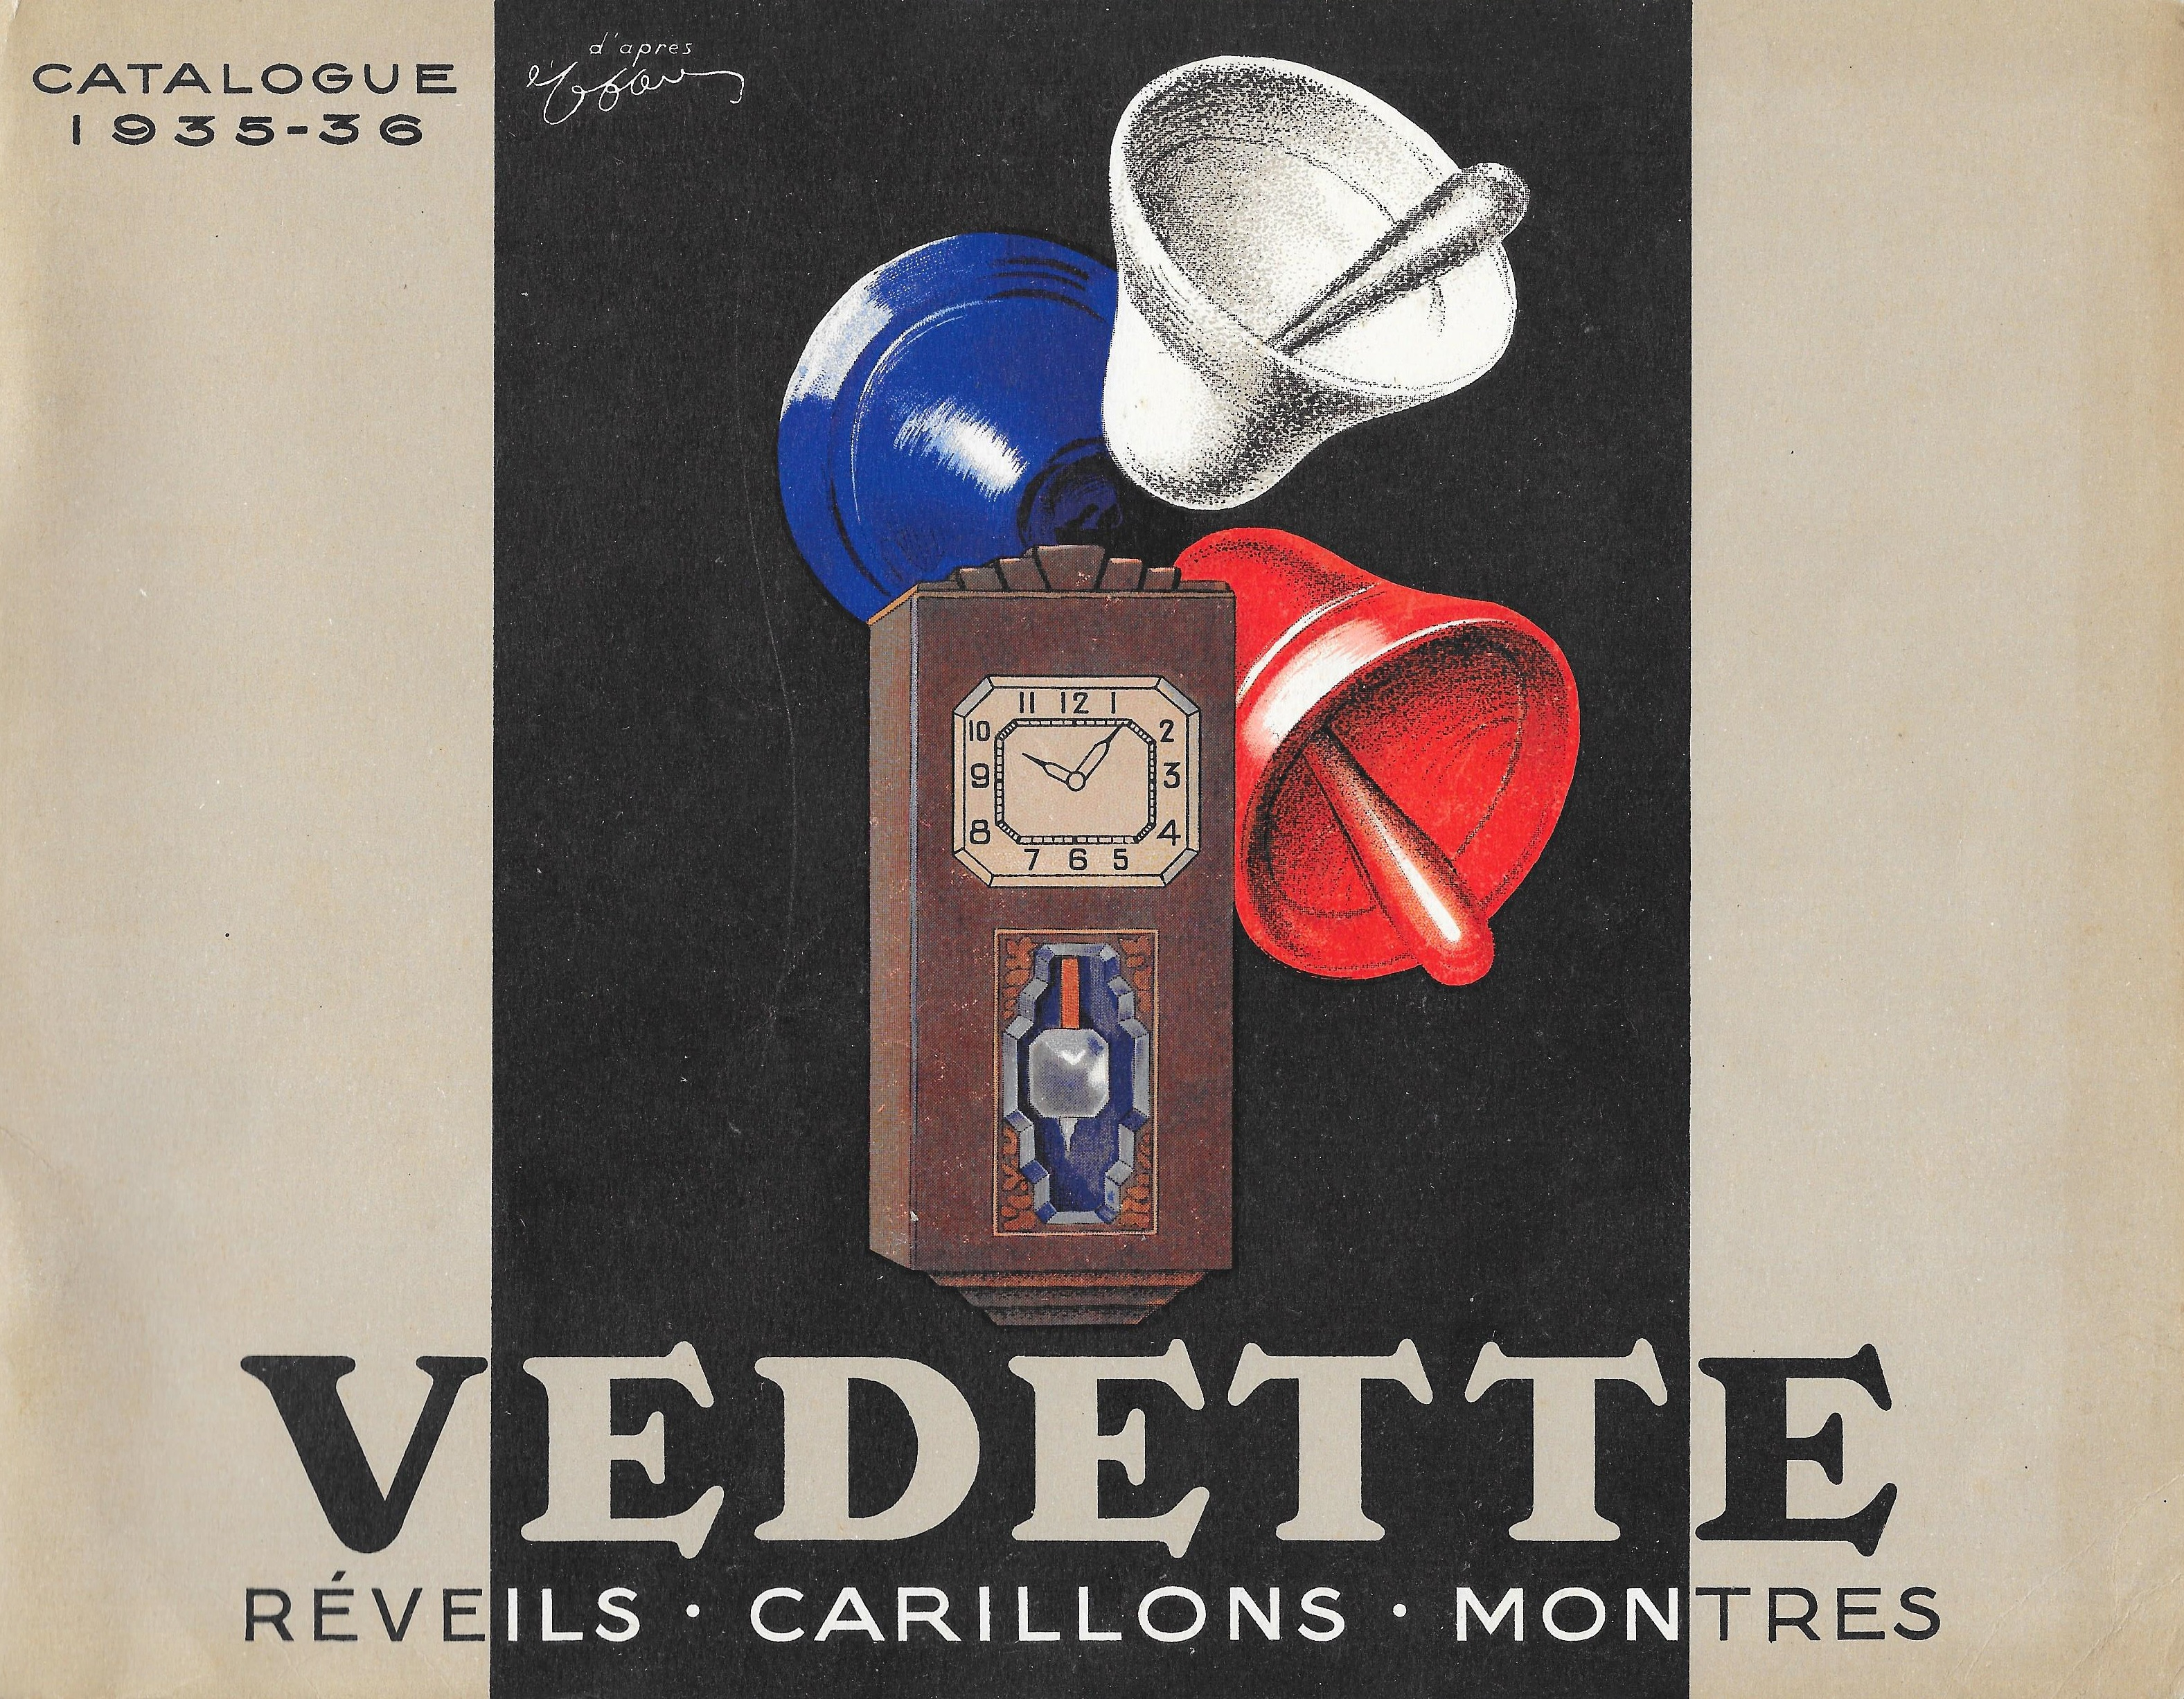 Vedette catalogue 1937